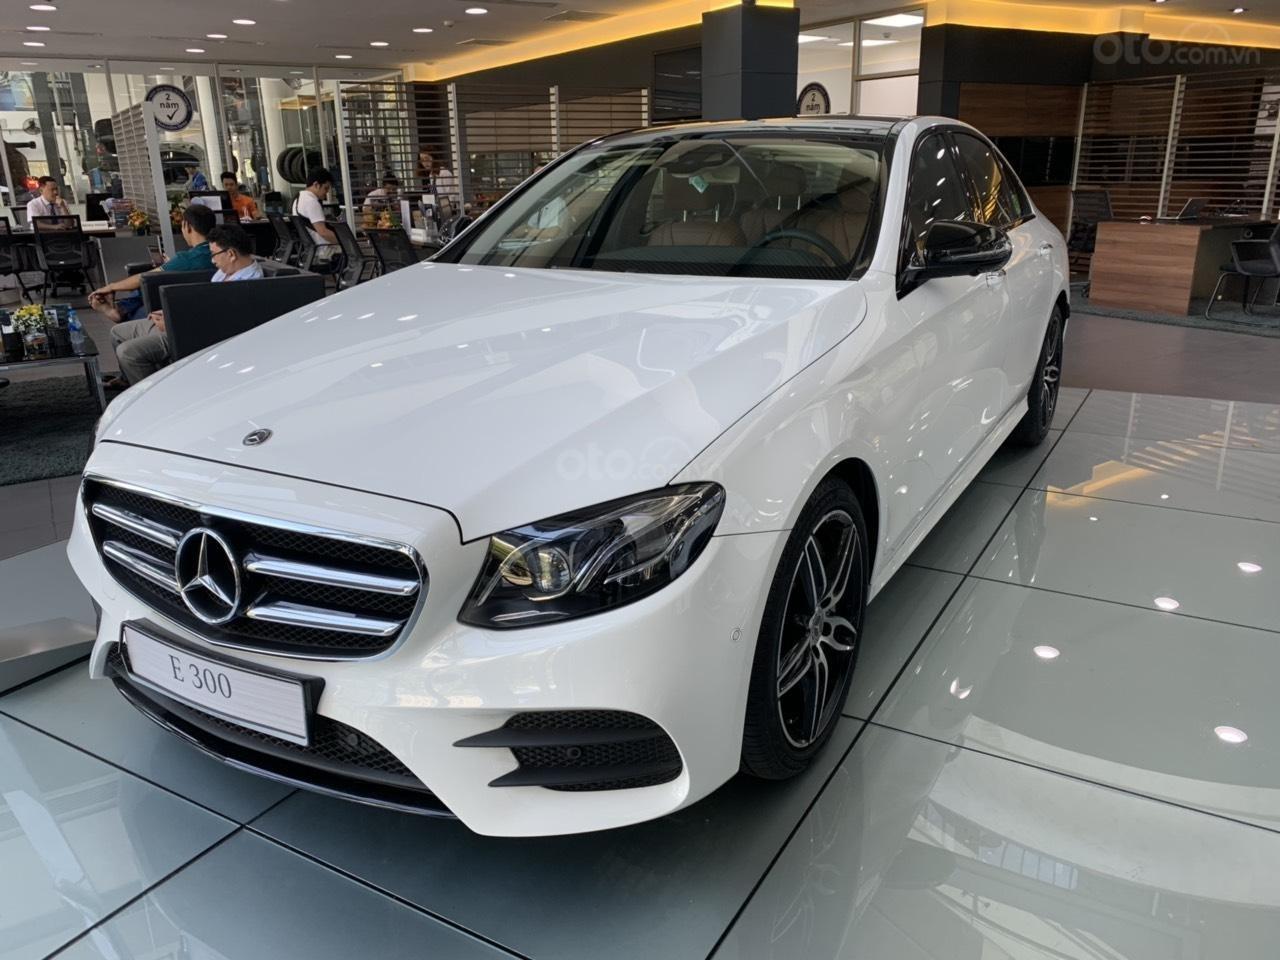 Cần bán Mercedes E 300 AMG 2019 xe sẵn ưu đãi cực khủng (3)